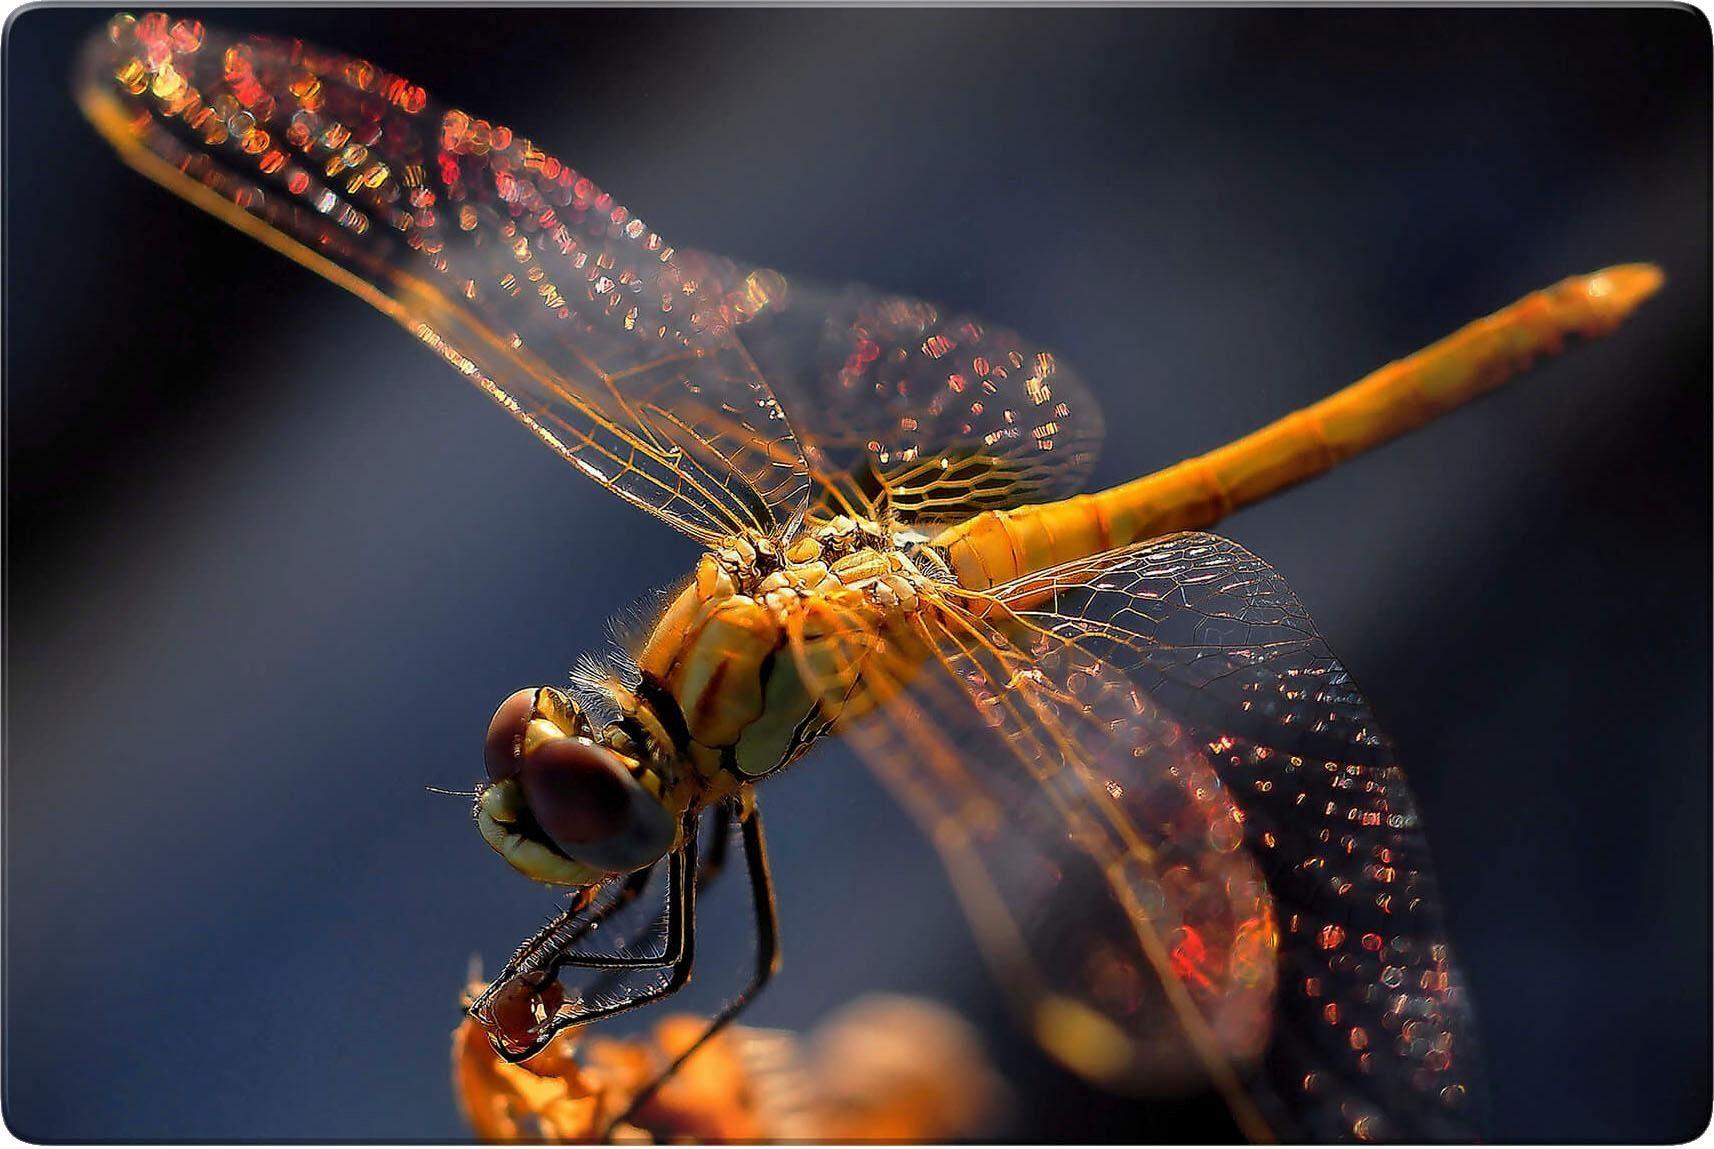 Glasbild »Dufour - Libelle auf Tuchfühlung« 100/0,4/70 cm